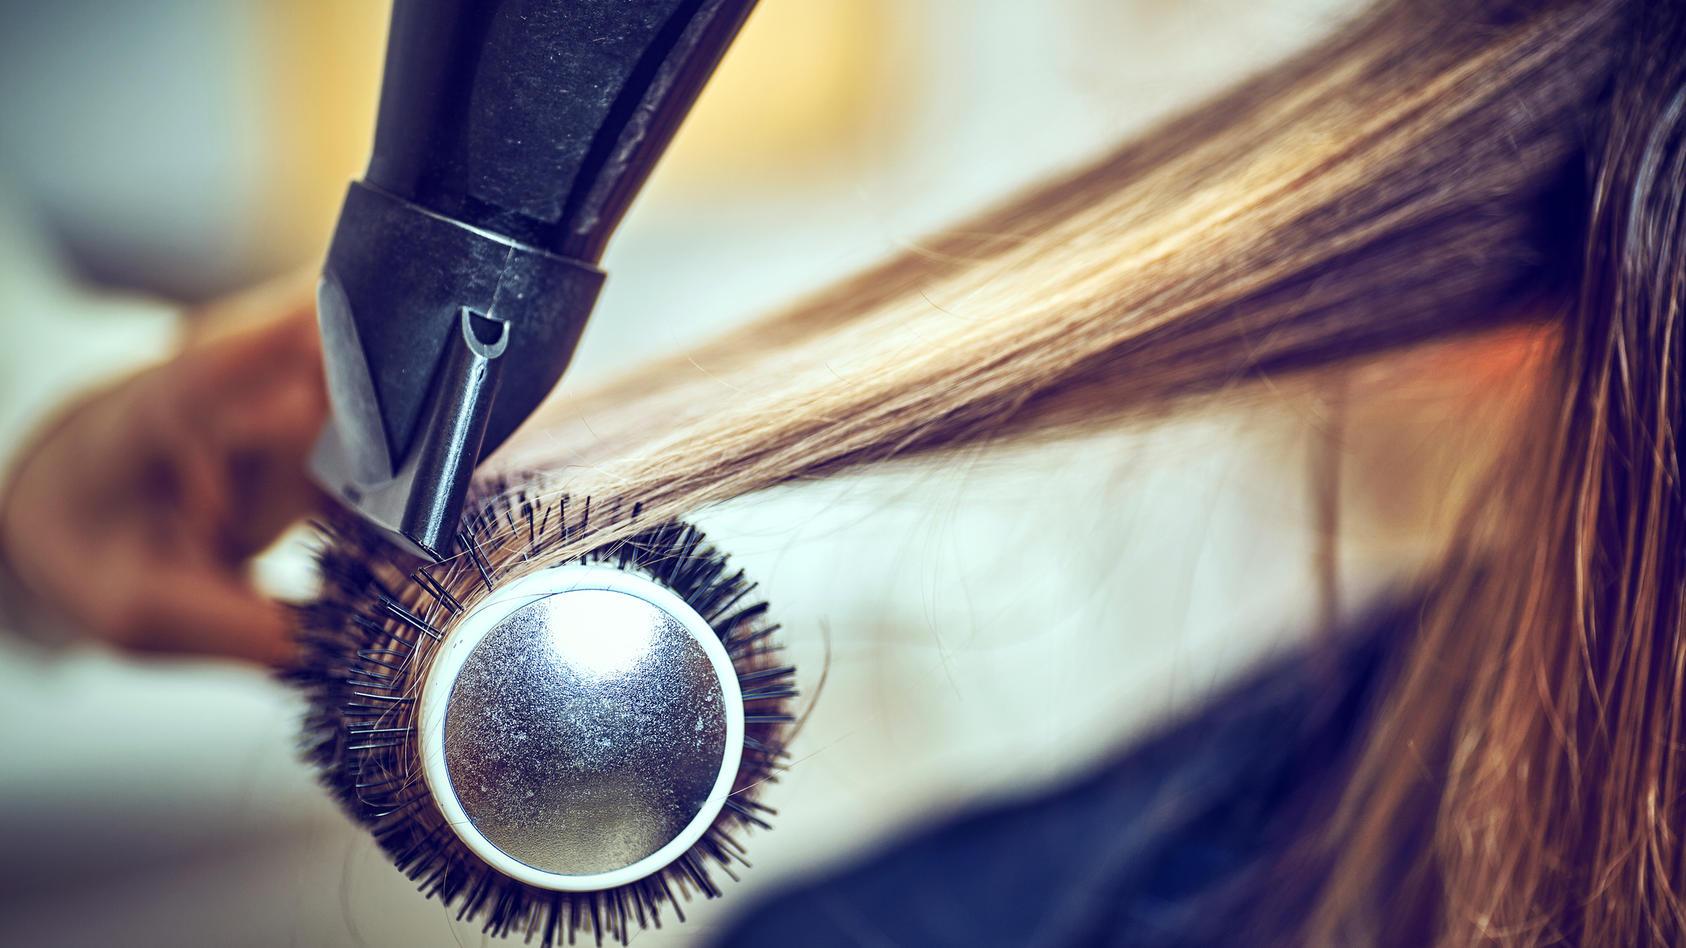 Haare föhnen wie im Friseursalon